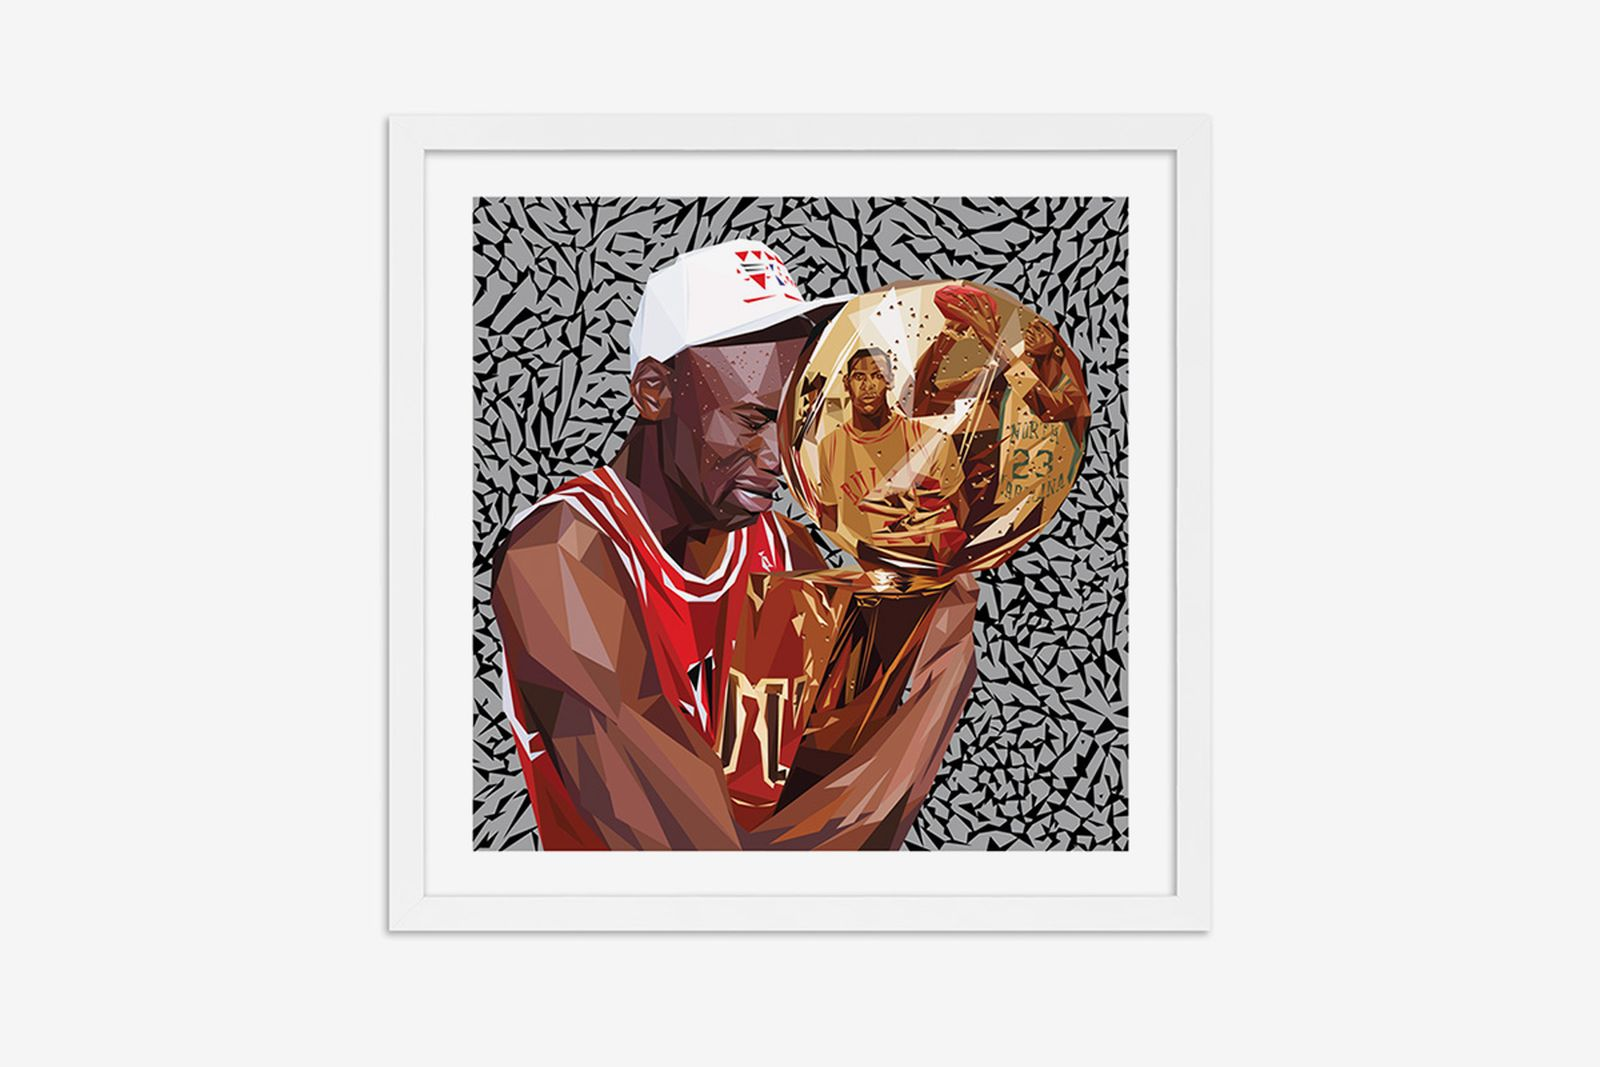 michael-jordan-artworks-gallery3